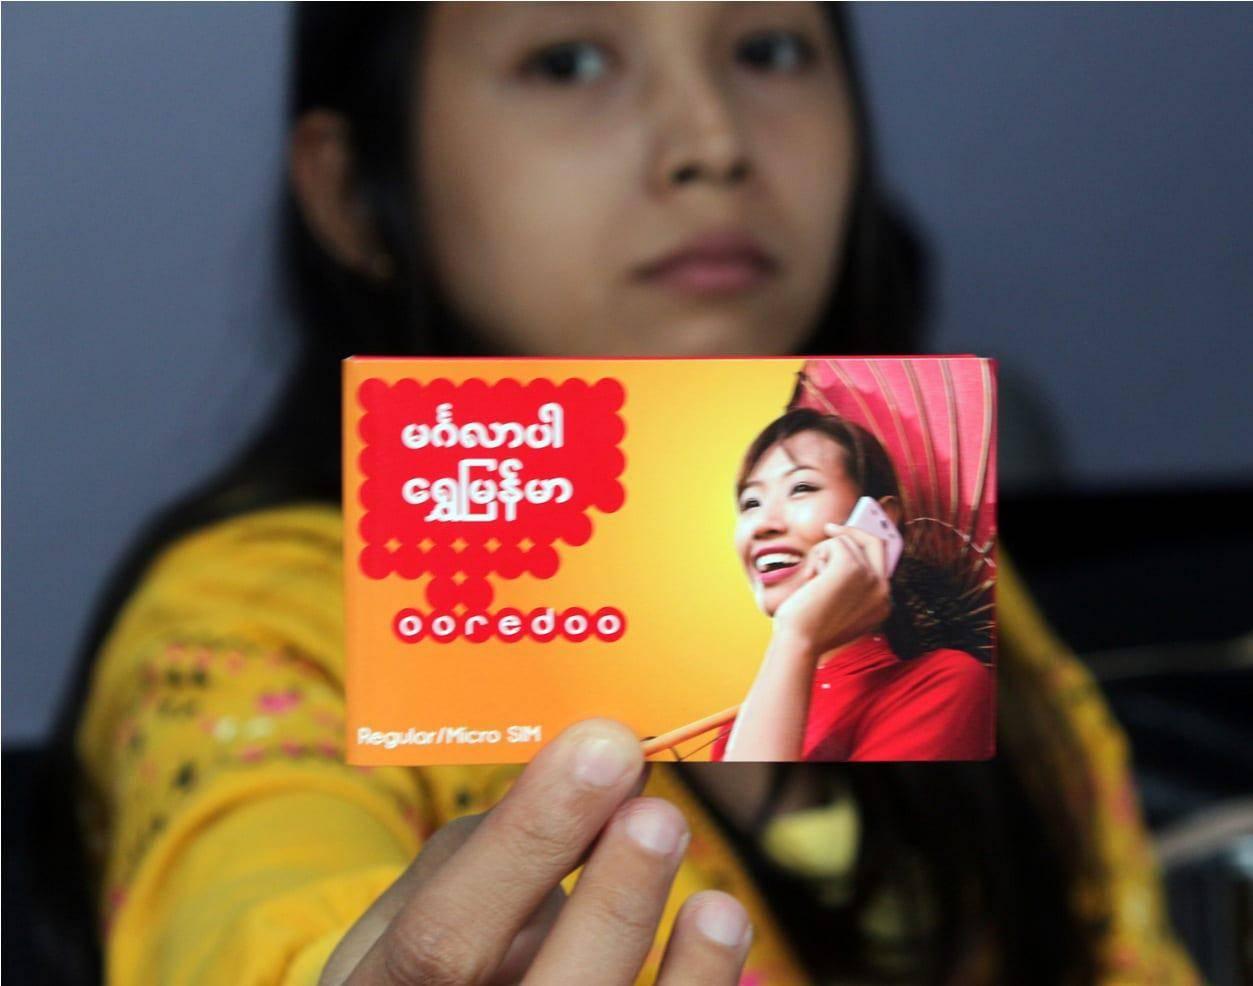 干货分享:缅甸ooredoo卡怎么进行话费转移?缅甸ooredoo话费怎么用充值卡?